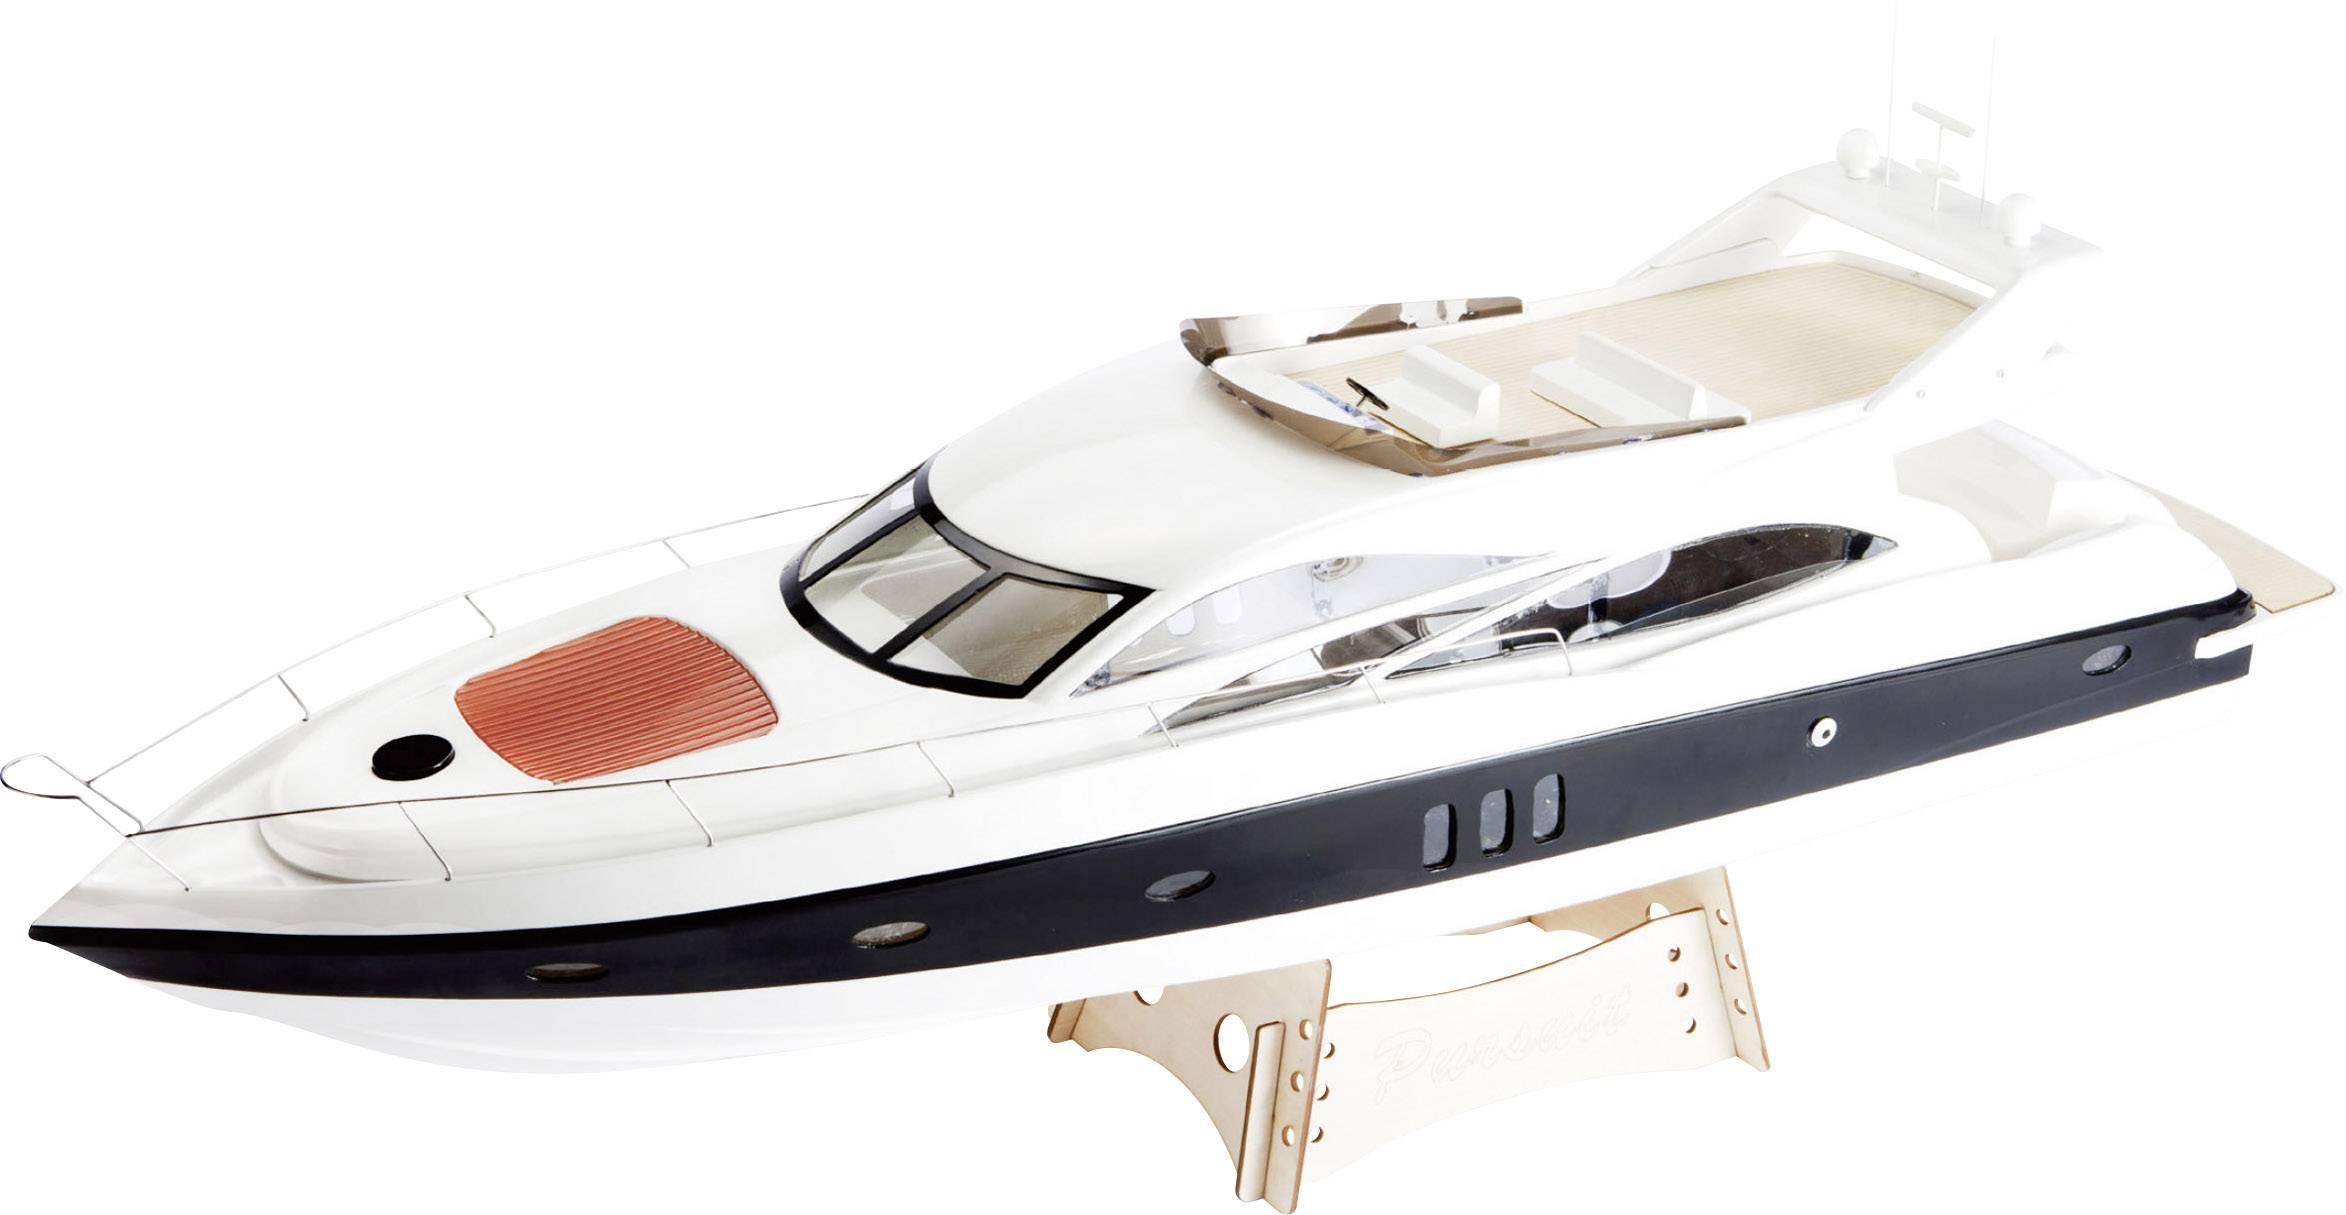 RC motorový čln Amewi Motoryacht Sunwave, RtR, 970 mm